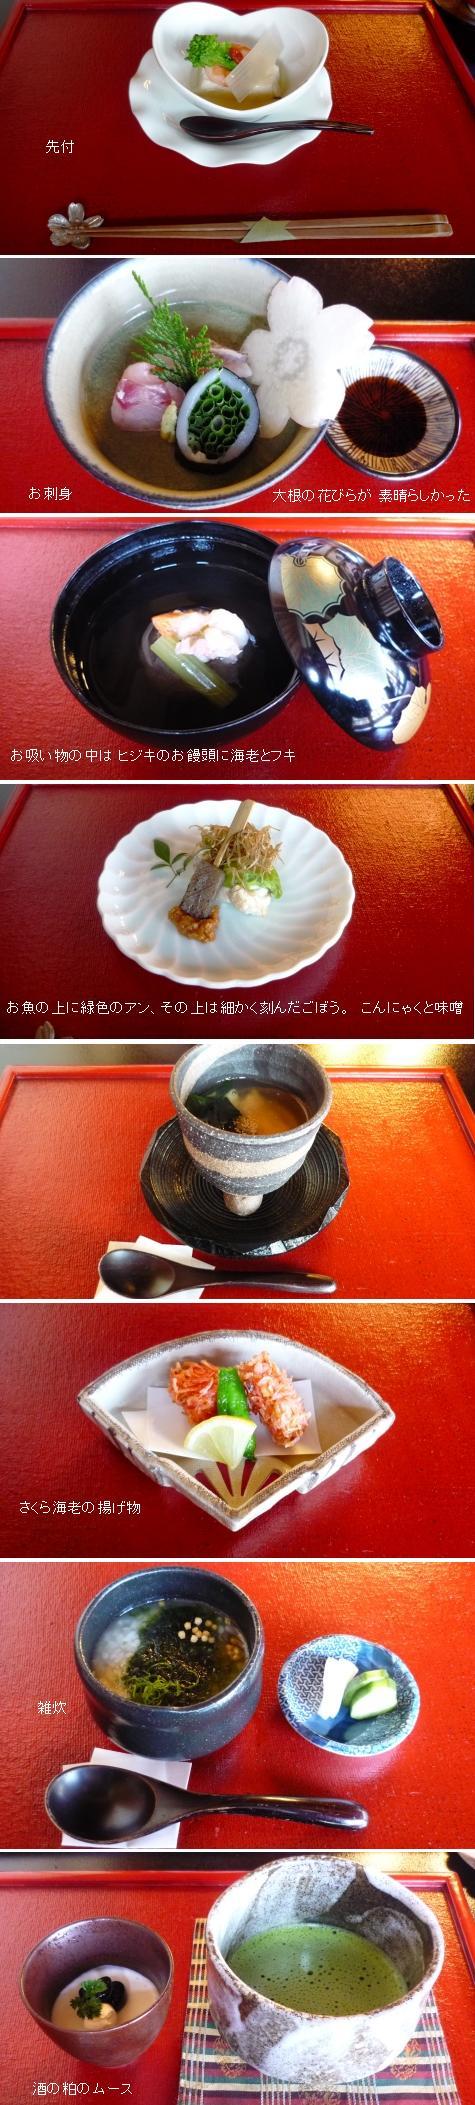 aa2 北鎌倉 料理